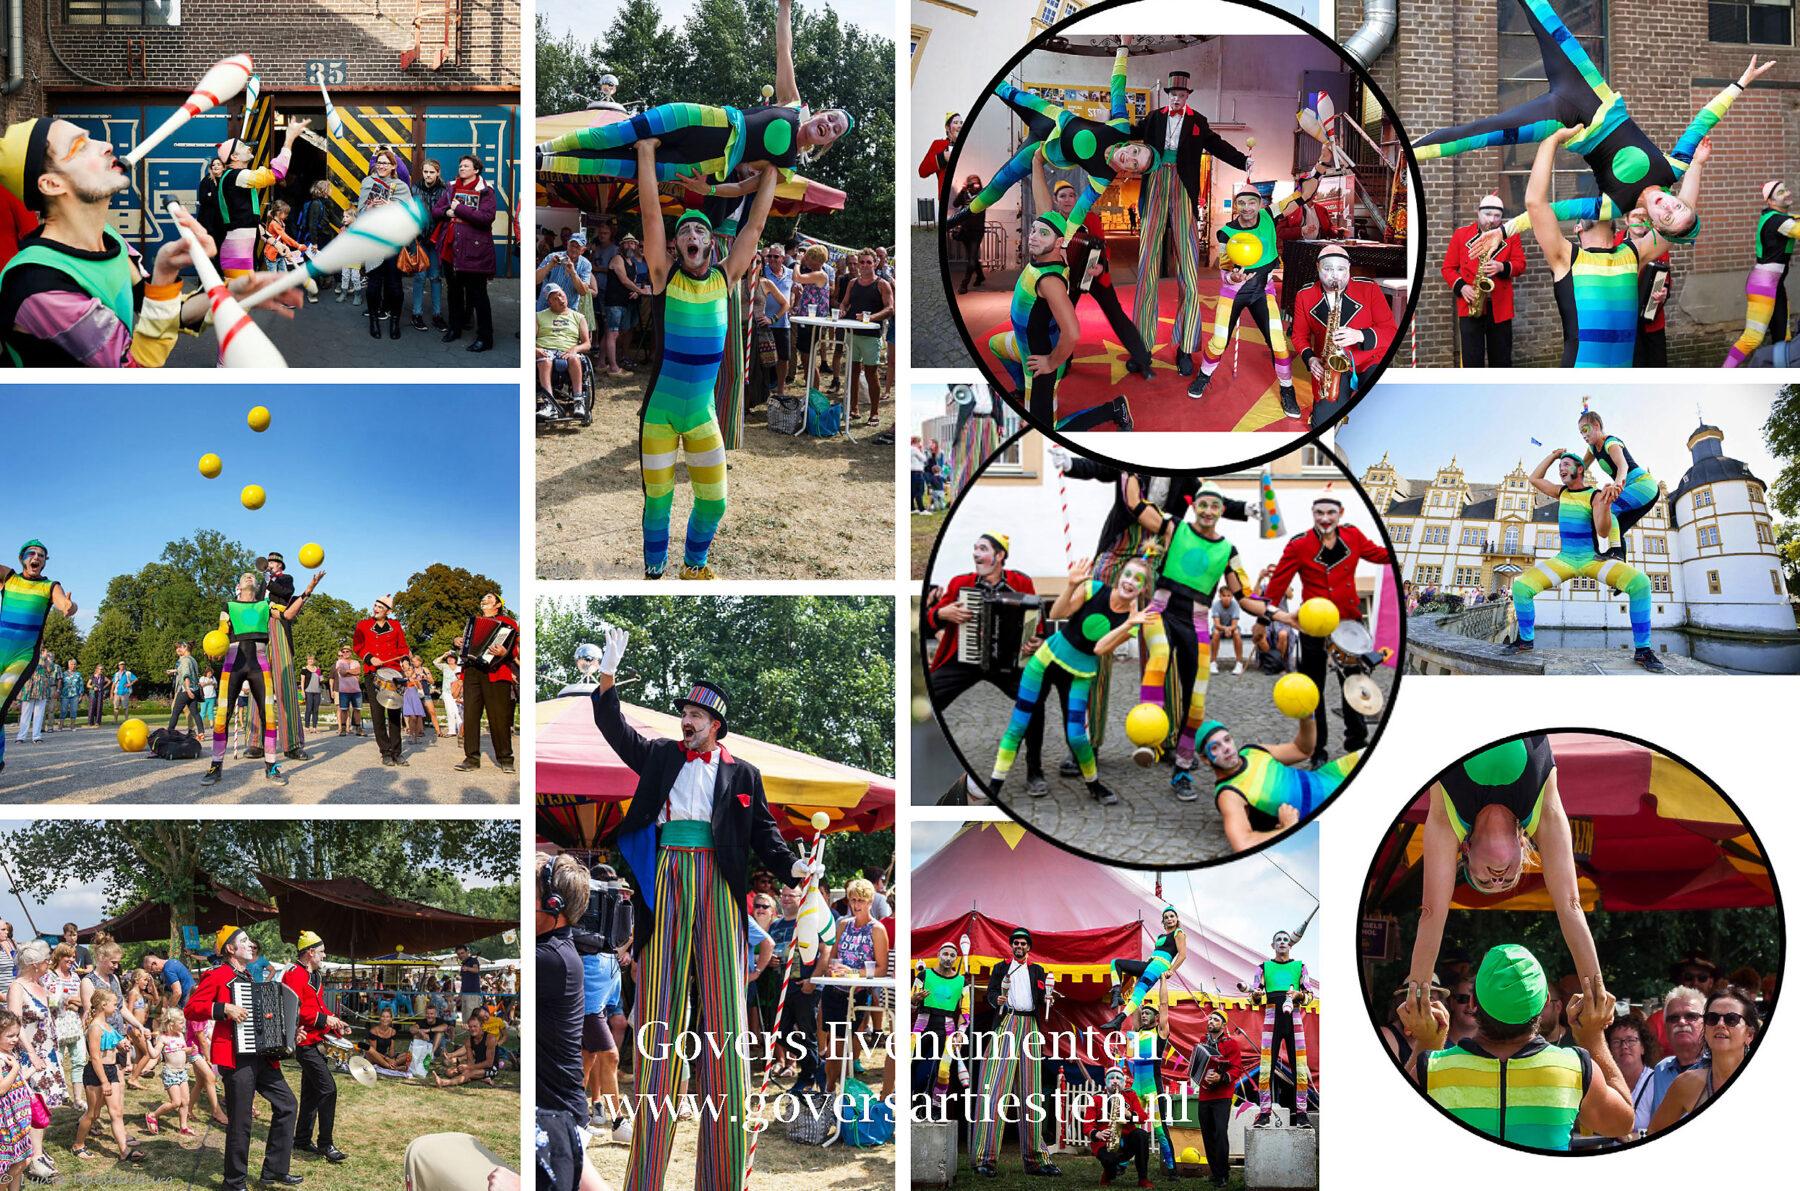 Circus Kolderiek, jongleurs, jongleren, Jongleren op de fiets, Straattheater, Openingsact, festival entertainment, artiesten boeken, artiestenbureau, themafeest, straatact, jongleurs, Govers Evenementen, www.goversartiesten.nl